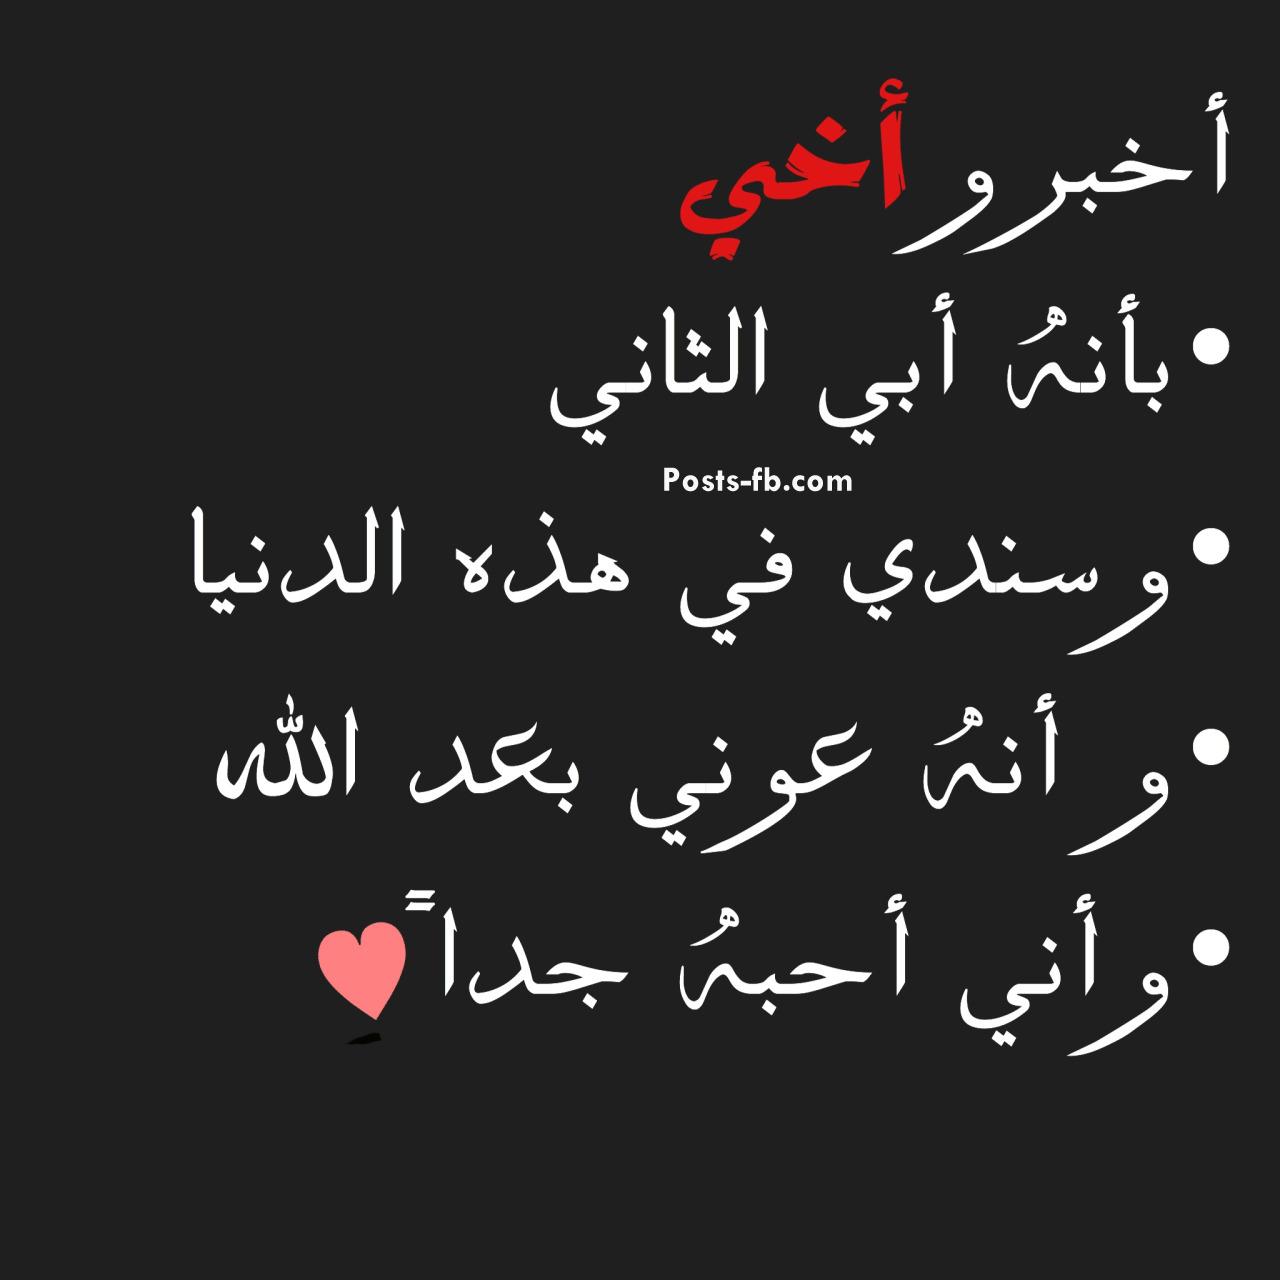 ومضة عن الاخ اخي اخوي ومضات ومضات شعرية Quotes For Book Lovers Unique Love Quotes Funny Arabic Quotes